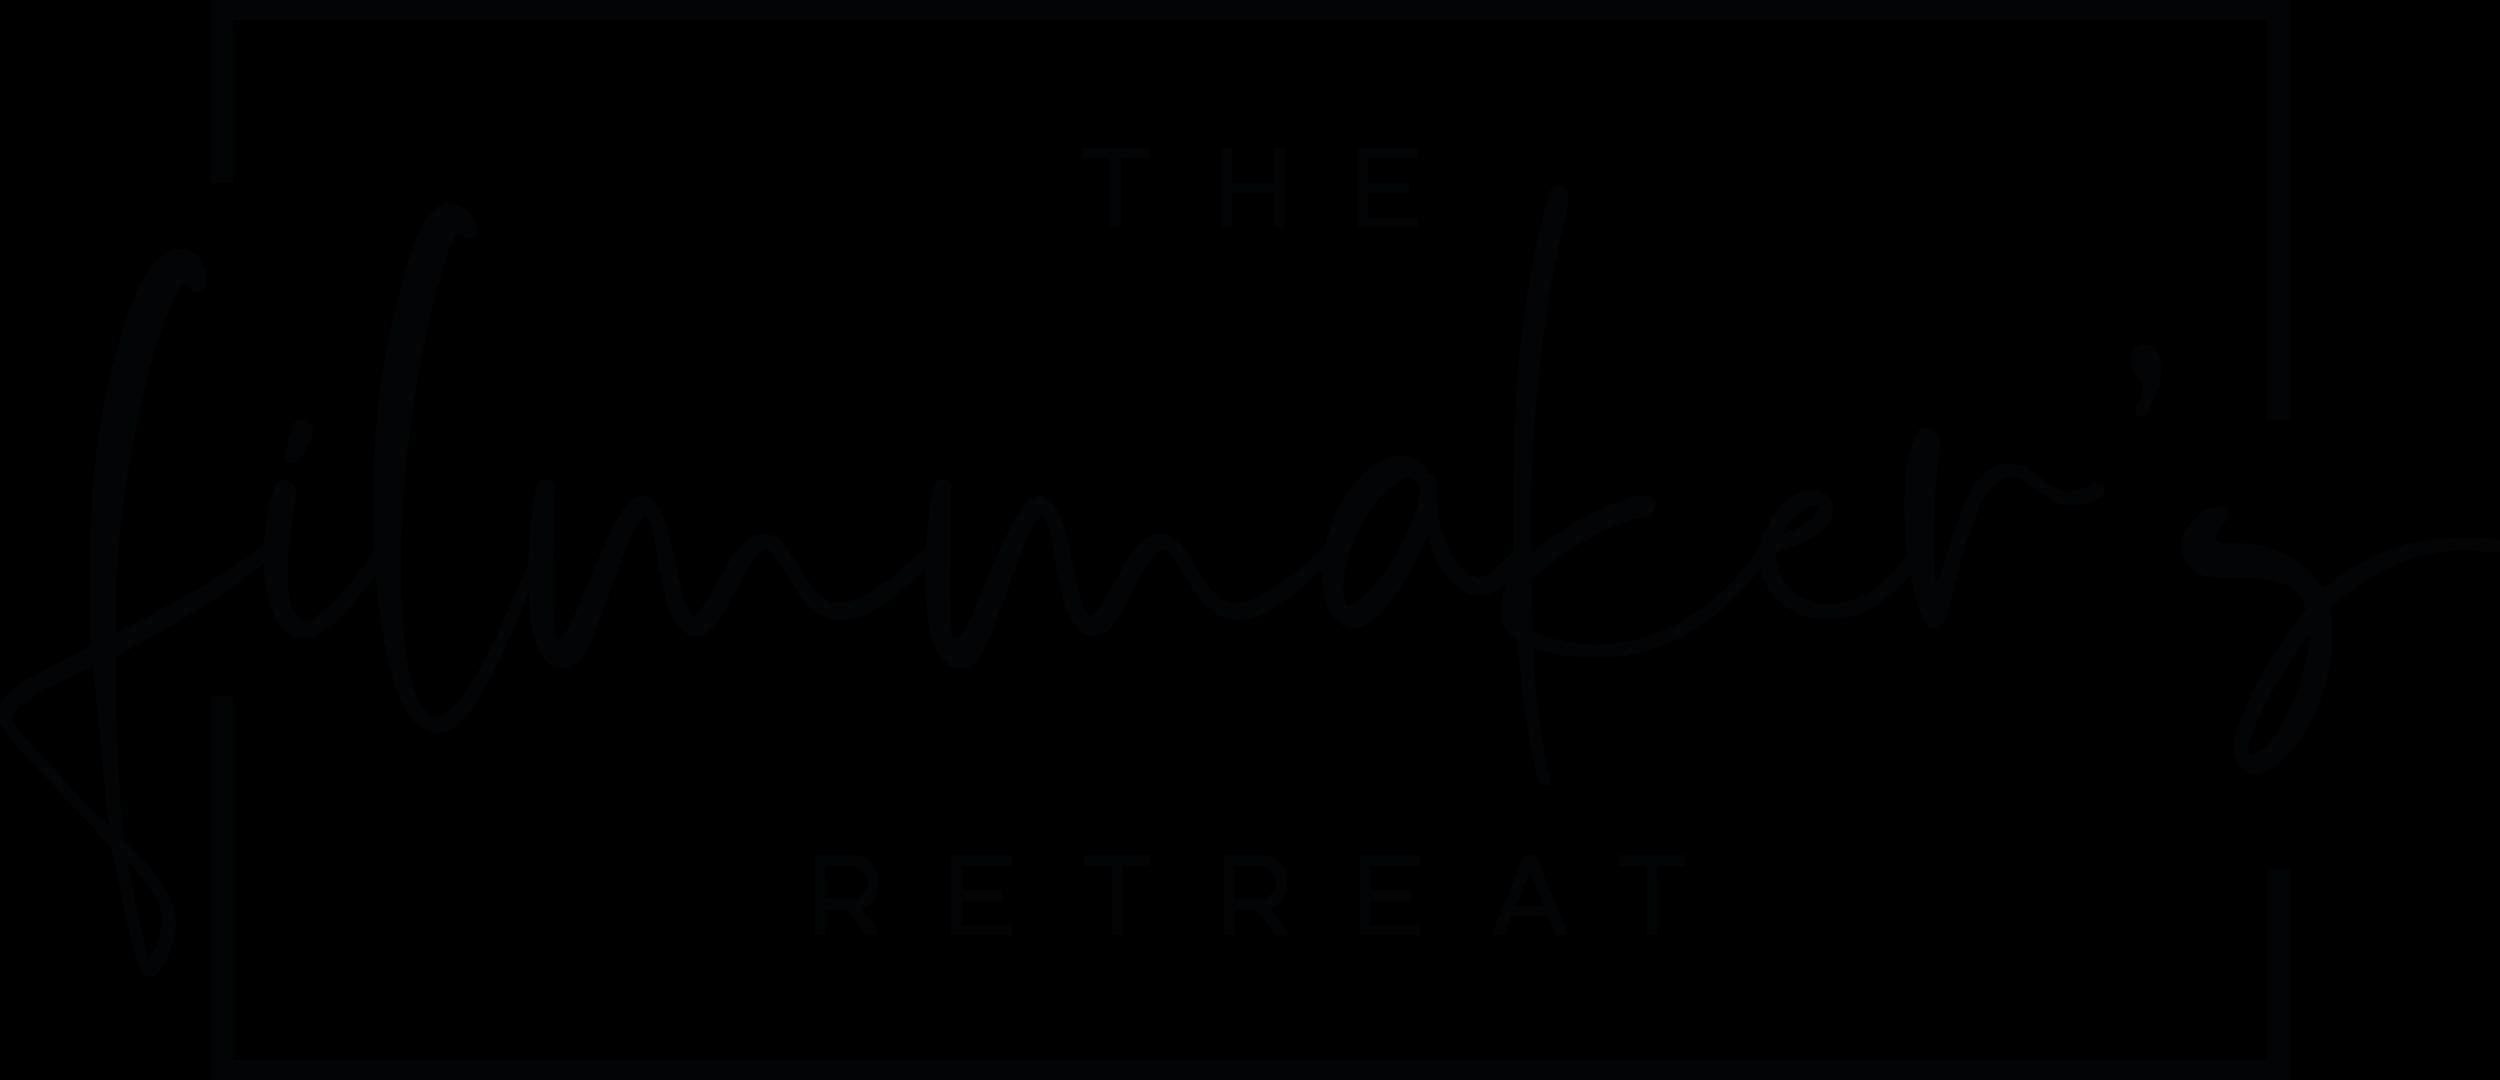 The Filmmaker's Retreat - logo.final.png